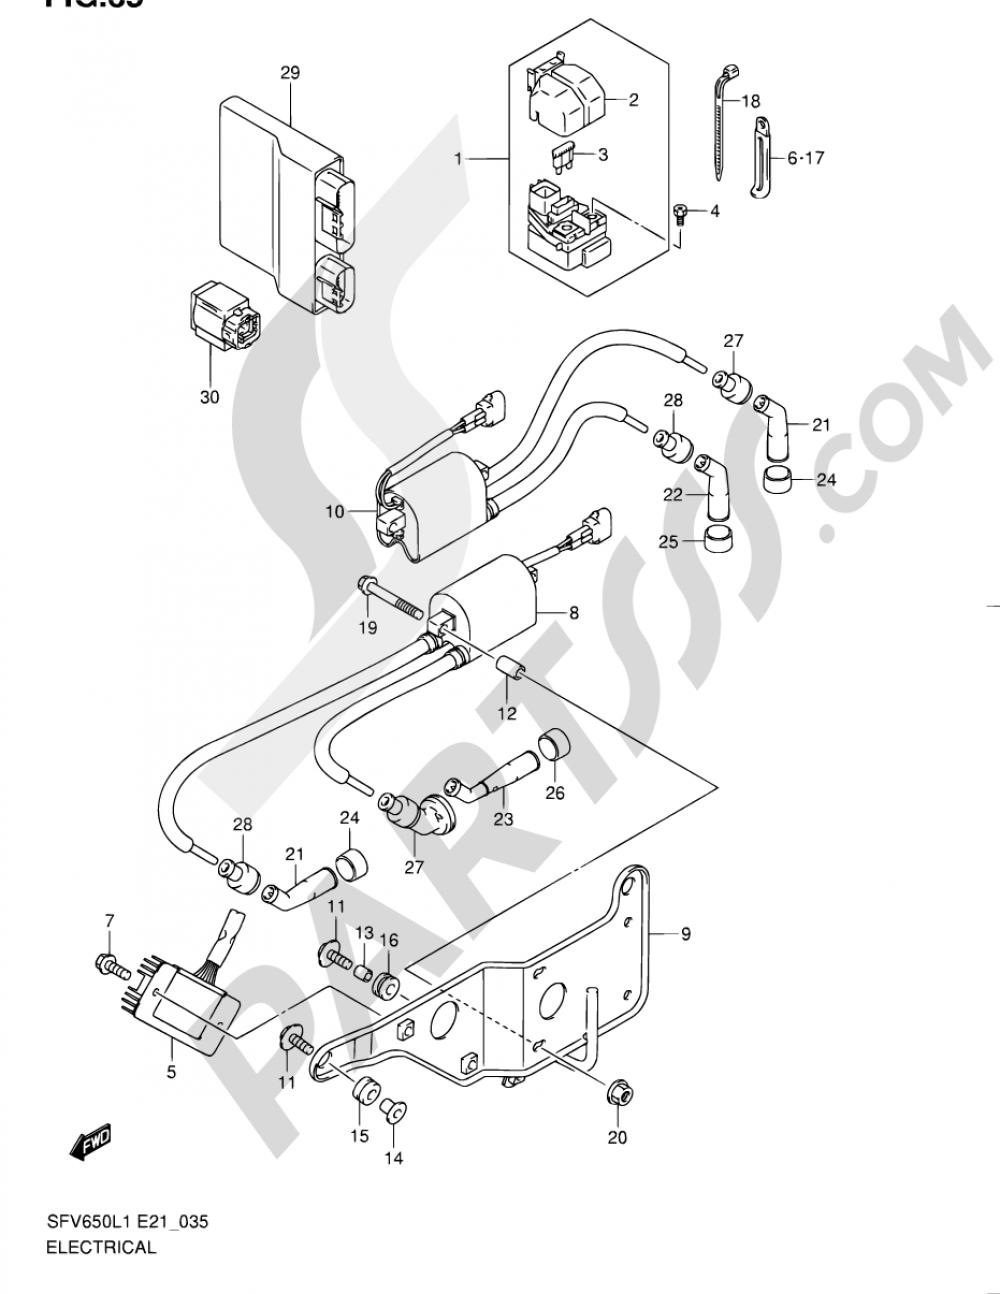 35 - ELECTRICAL (SFV650UL1 E24) Suzuki GLADIUS SFV650A 2011